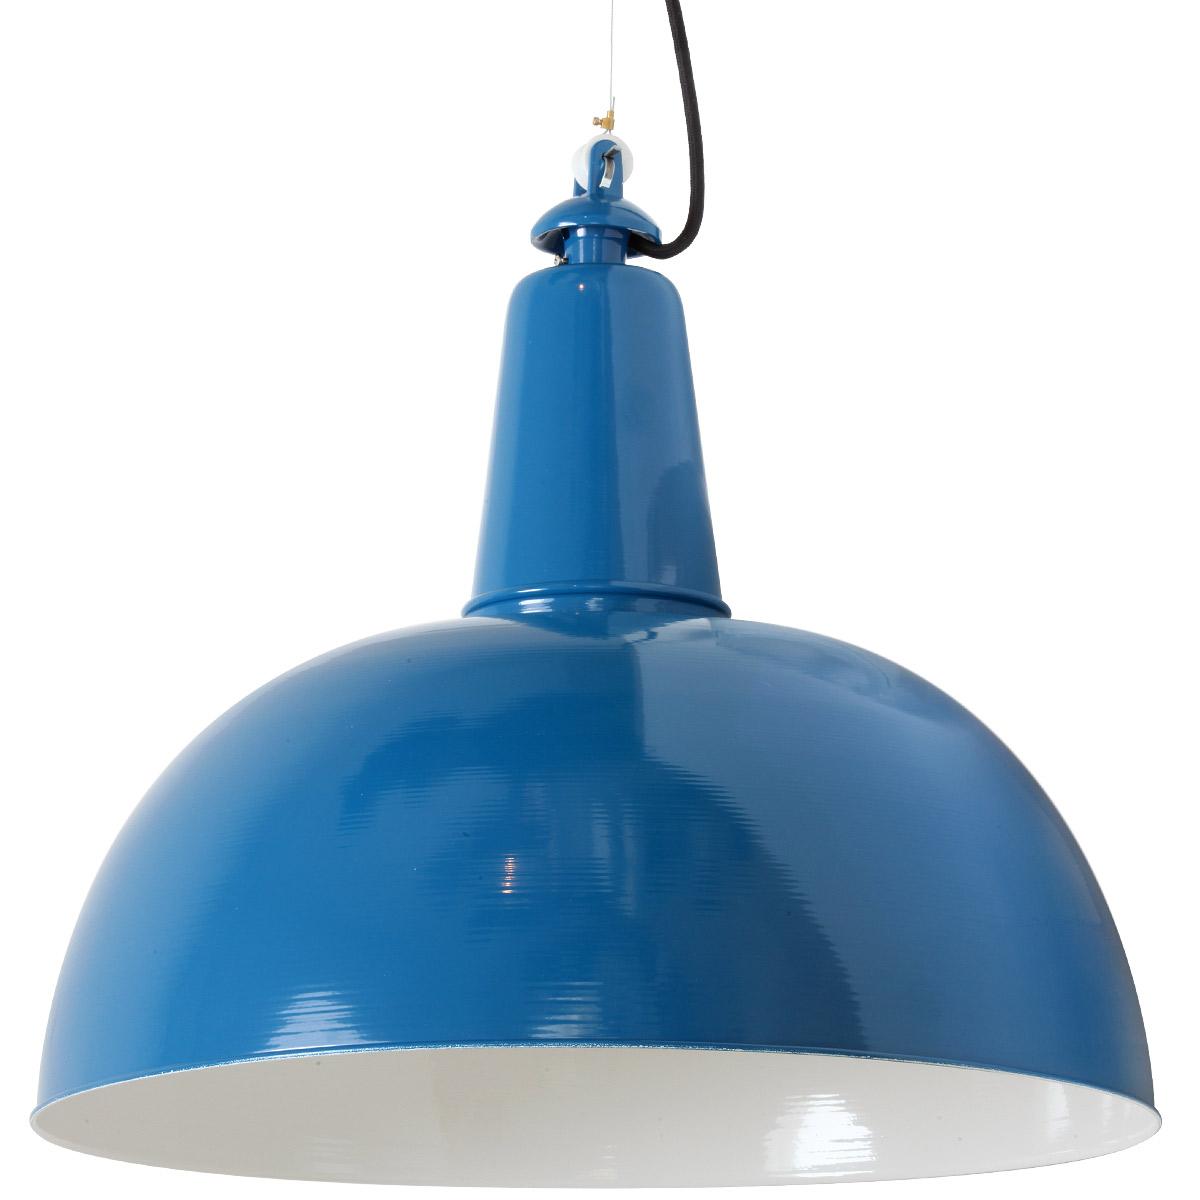 KÖLN Fabriklampe mit Halbkugel-Blechschirm - Casa Lumi